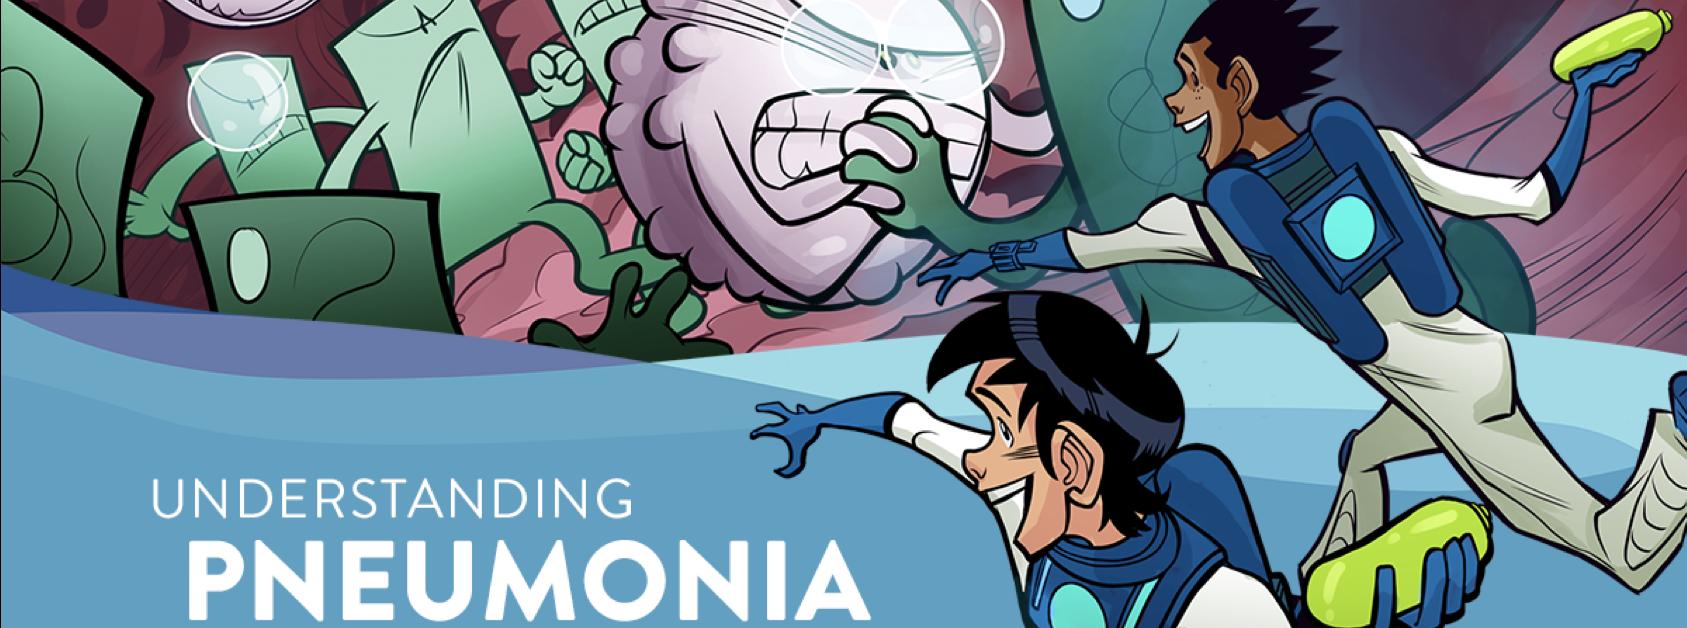 Pneumonia explained